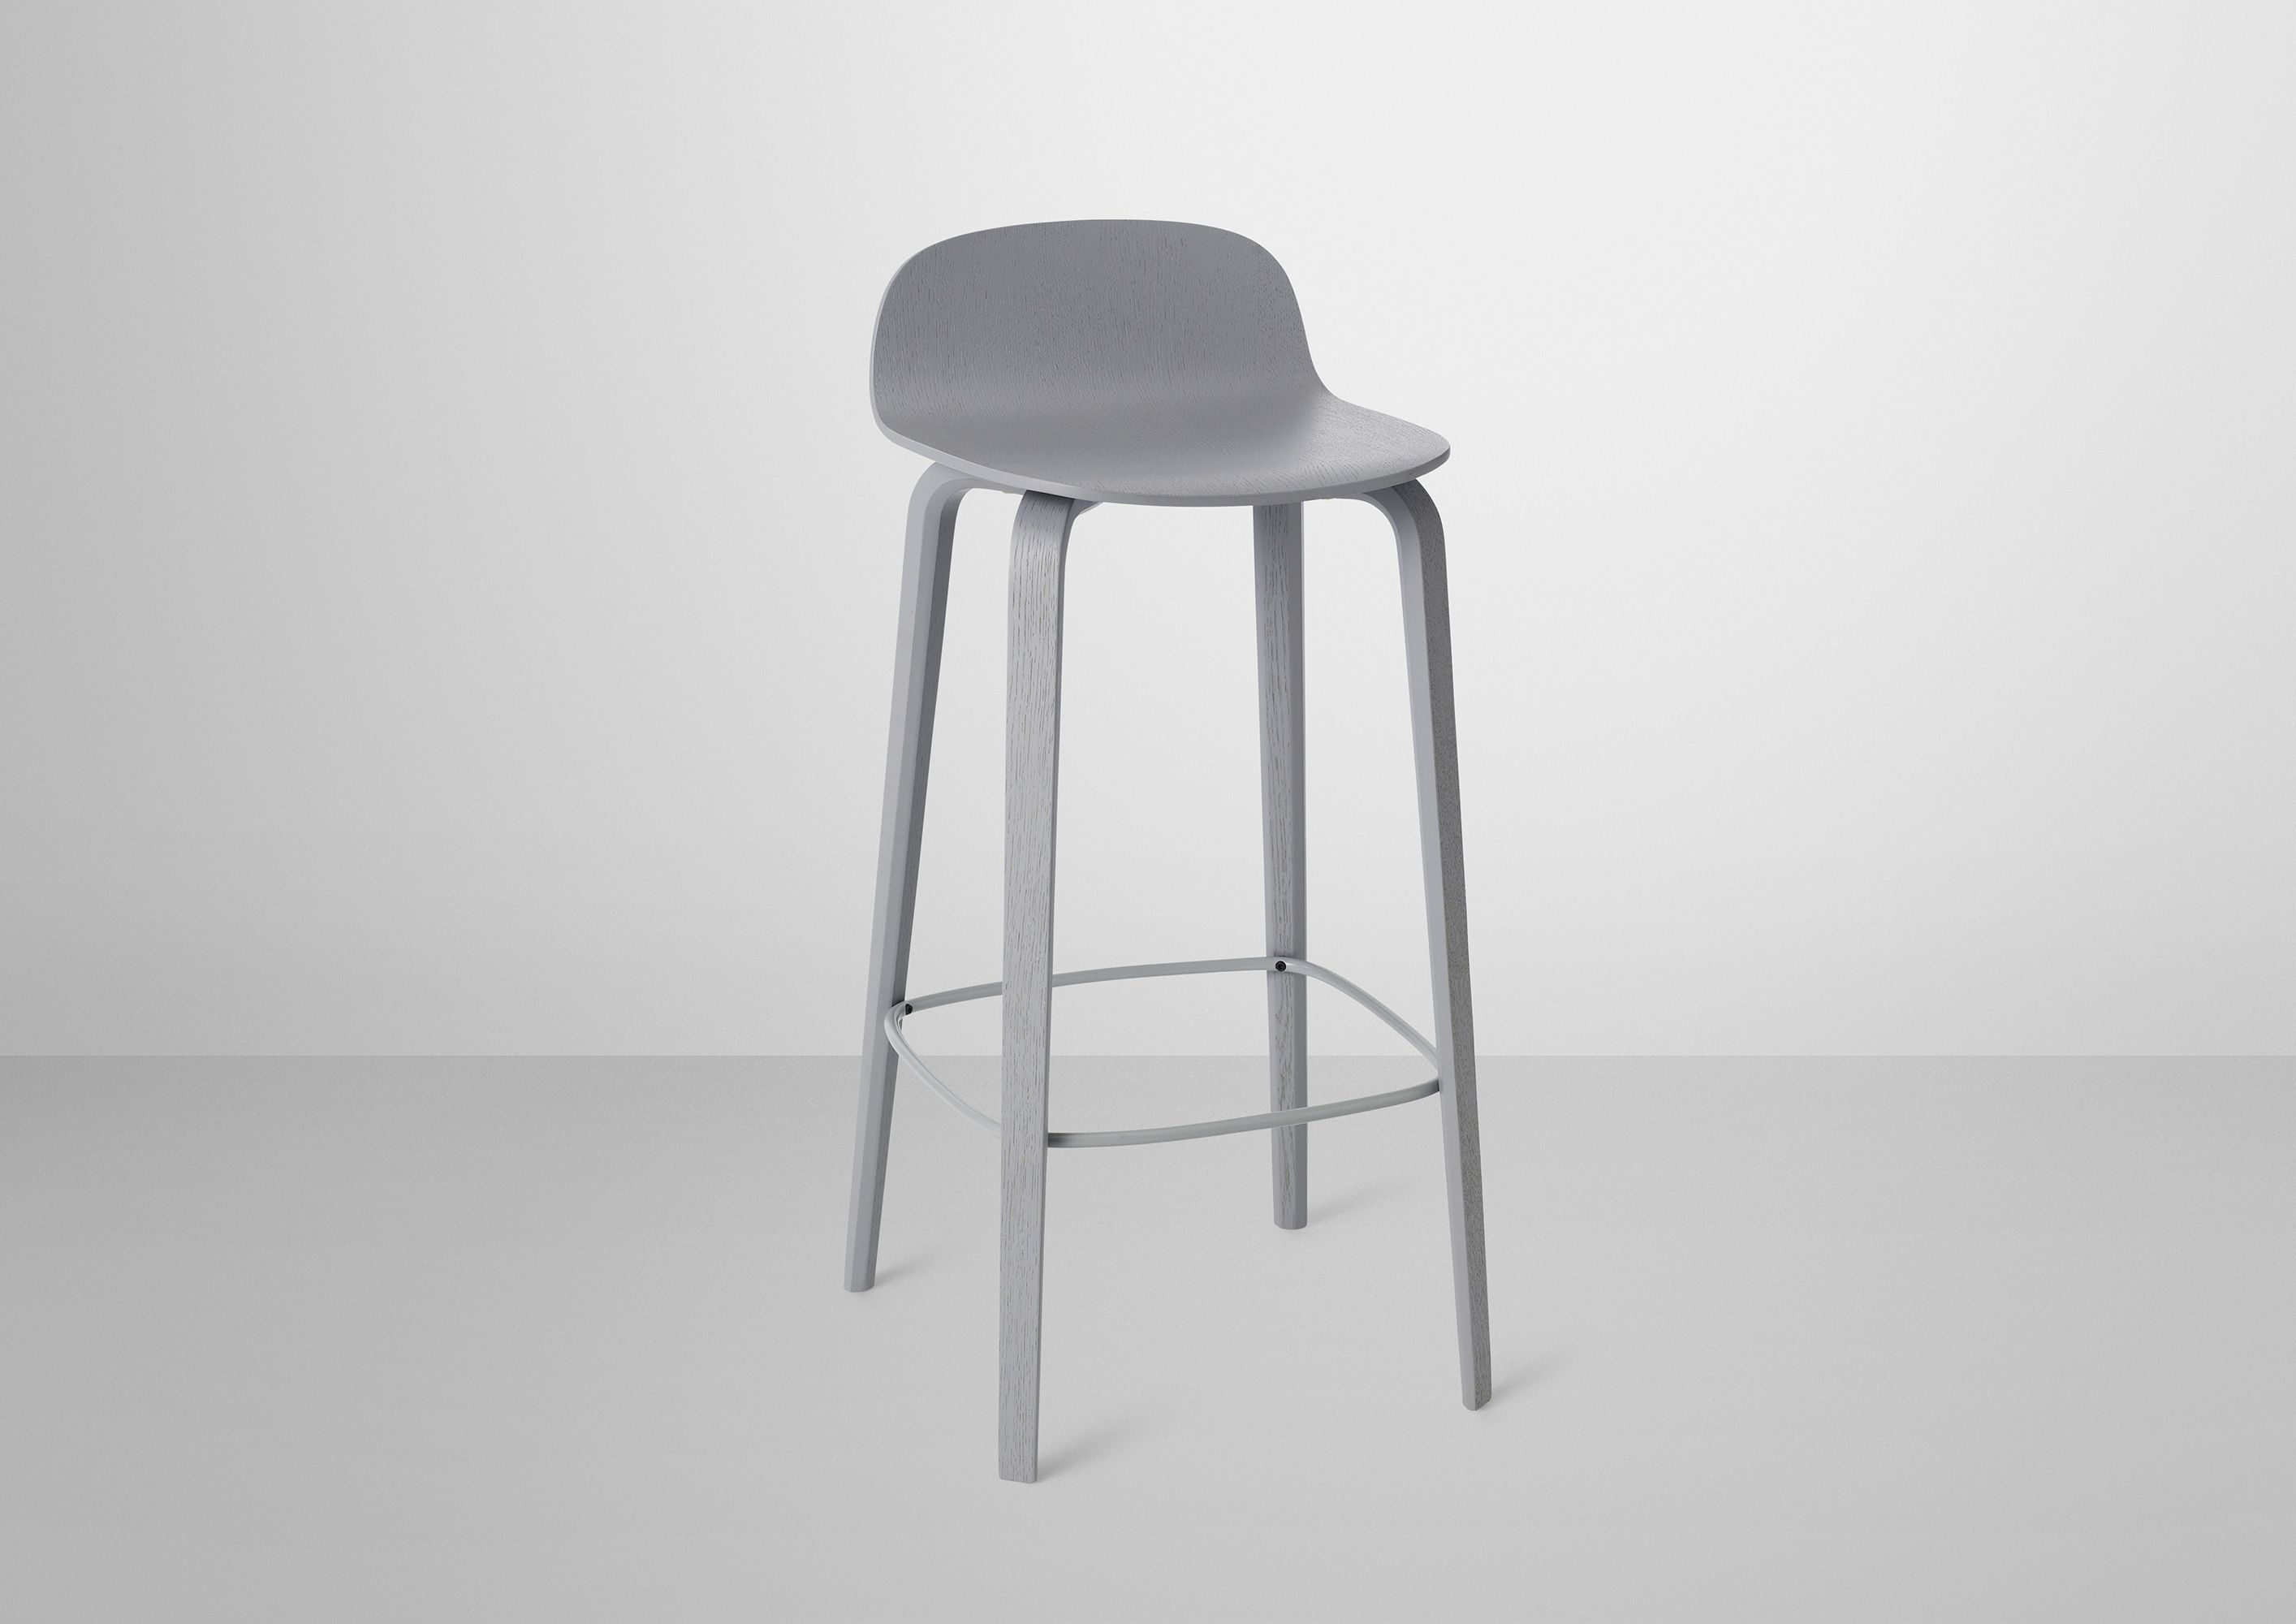 Visu Bar Stool / Design by Mika Tolvanen / Muuto | Muuto Furniture ...